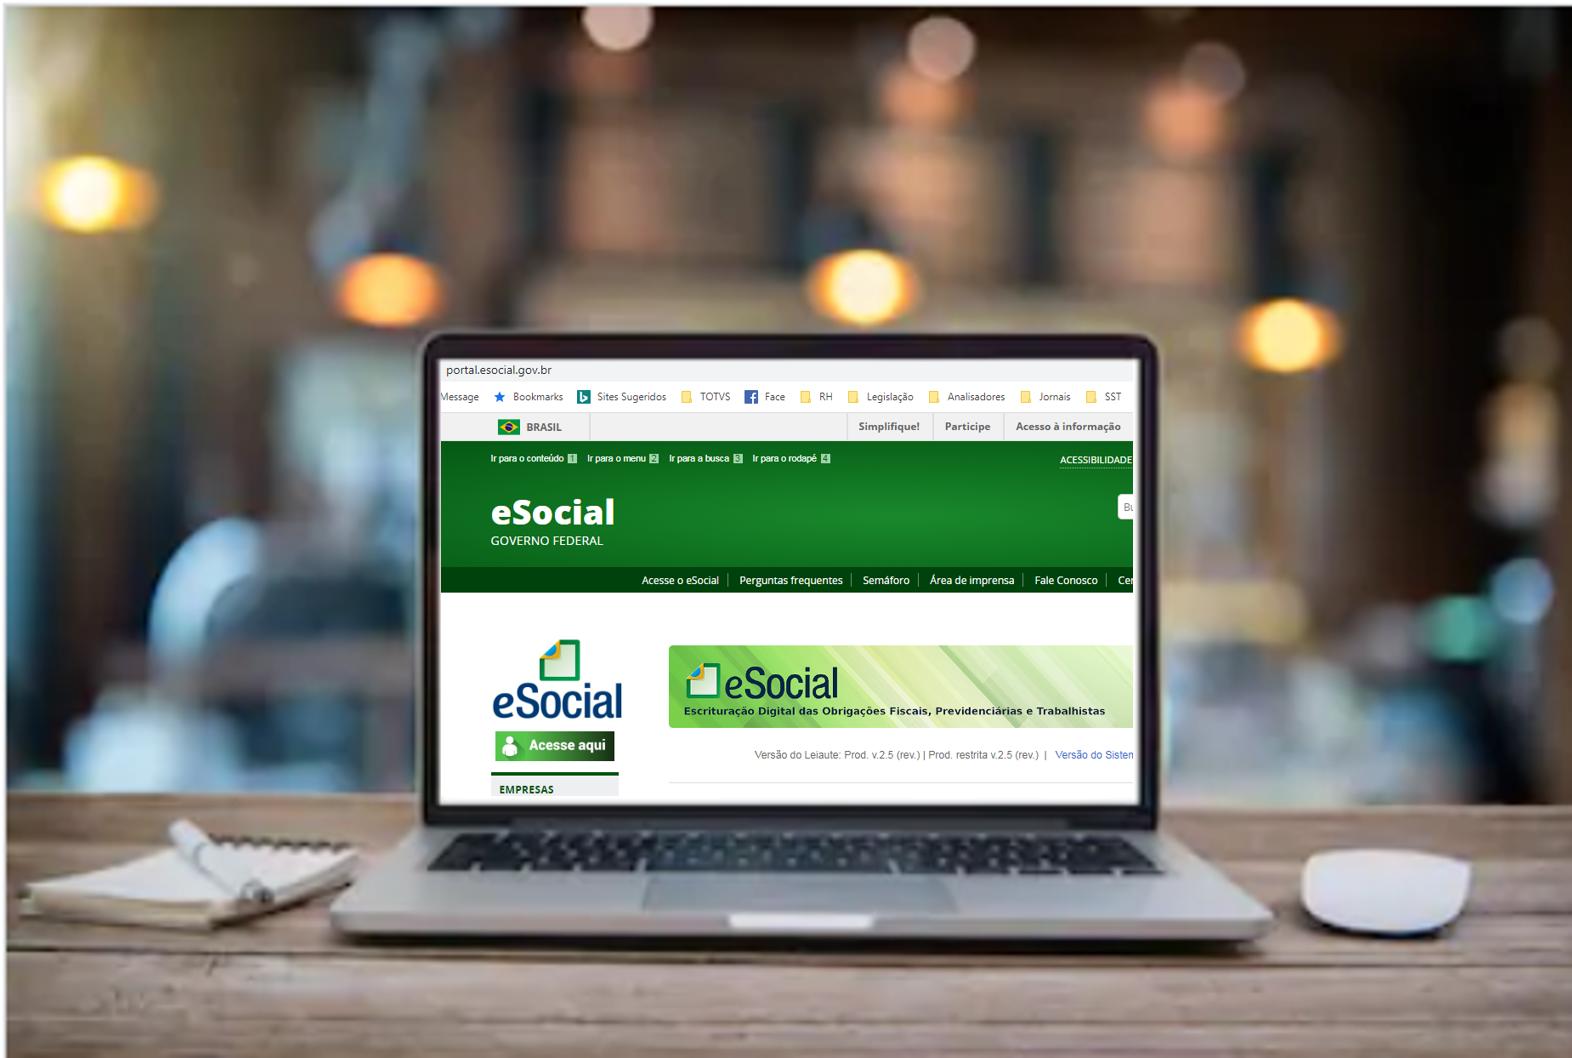 eSocial Simplificado: ambiente de produção restrita estará disponível para todas as empresas a partir de 03 de março